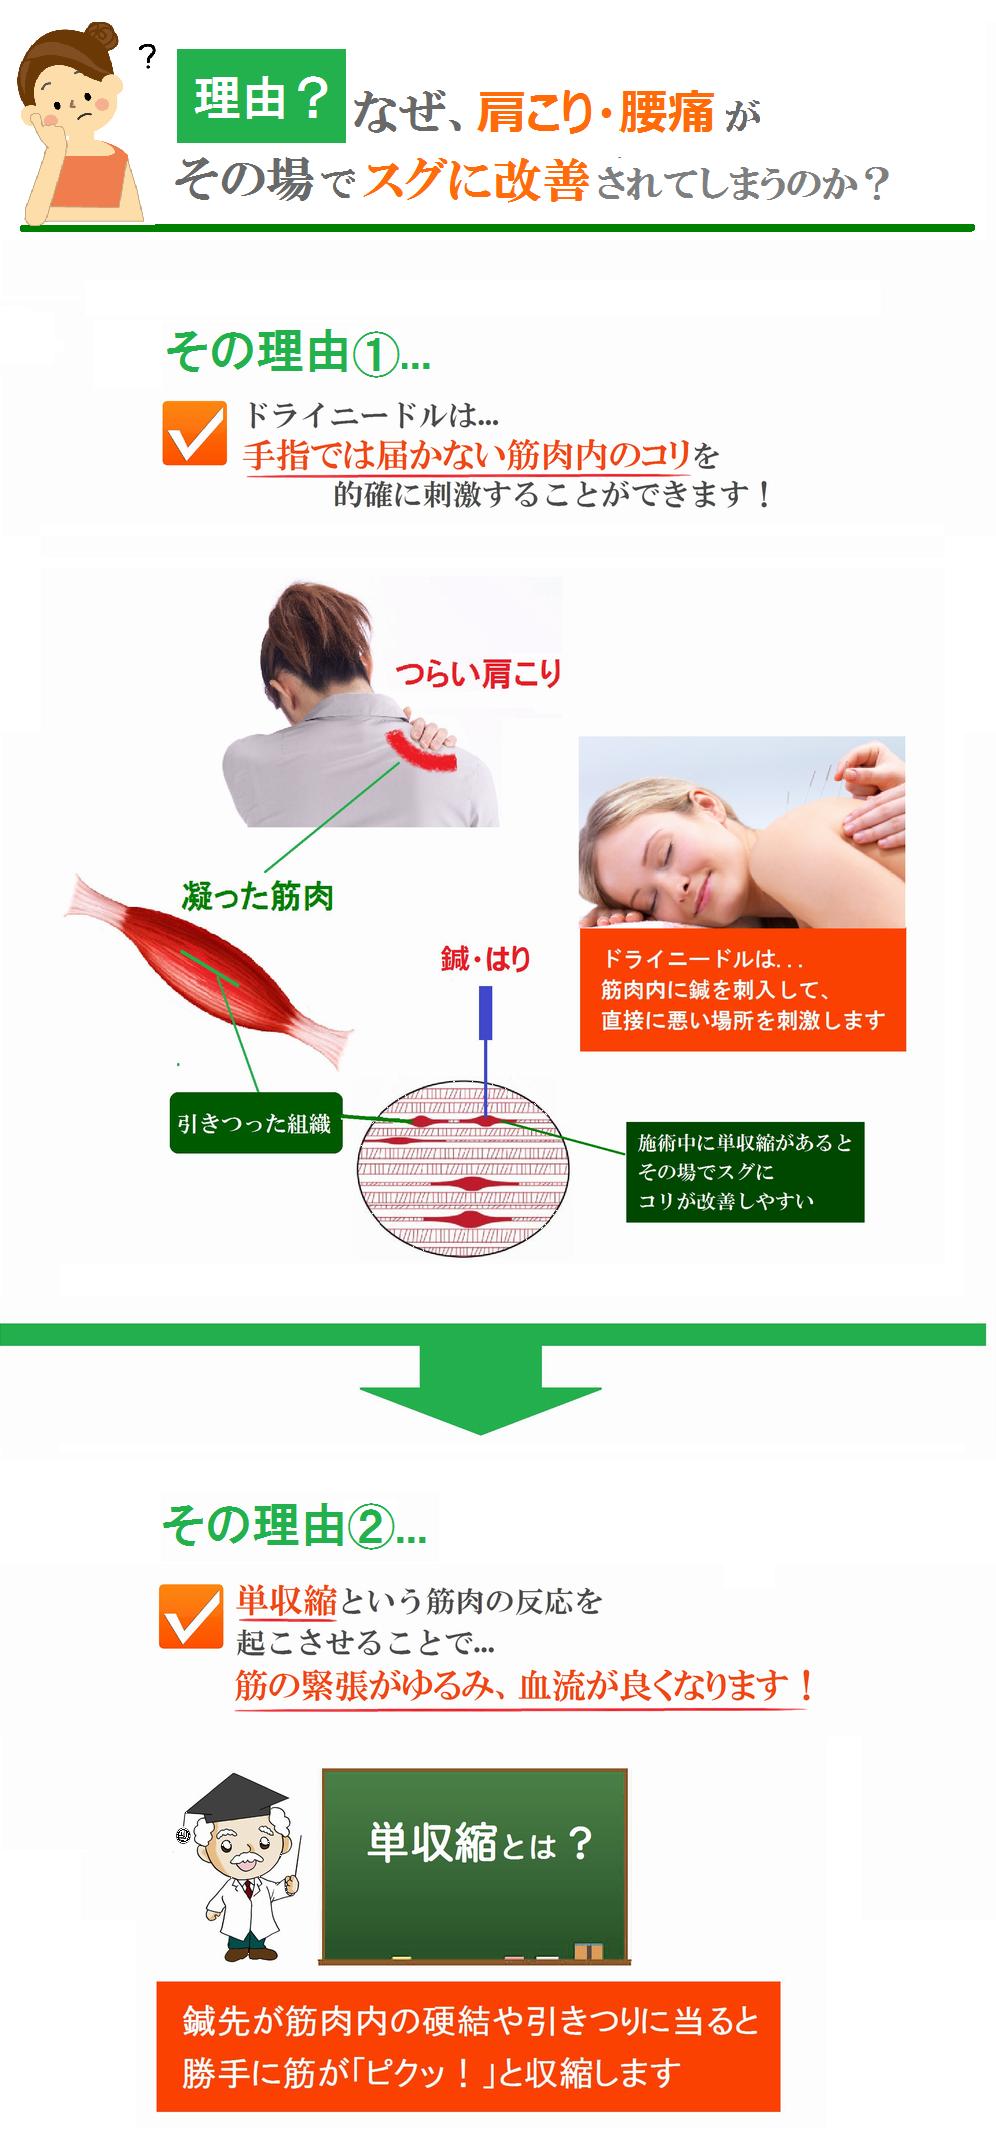 ドライニードル臨床研究会-単収縮